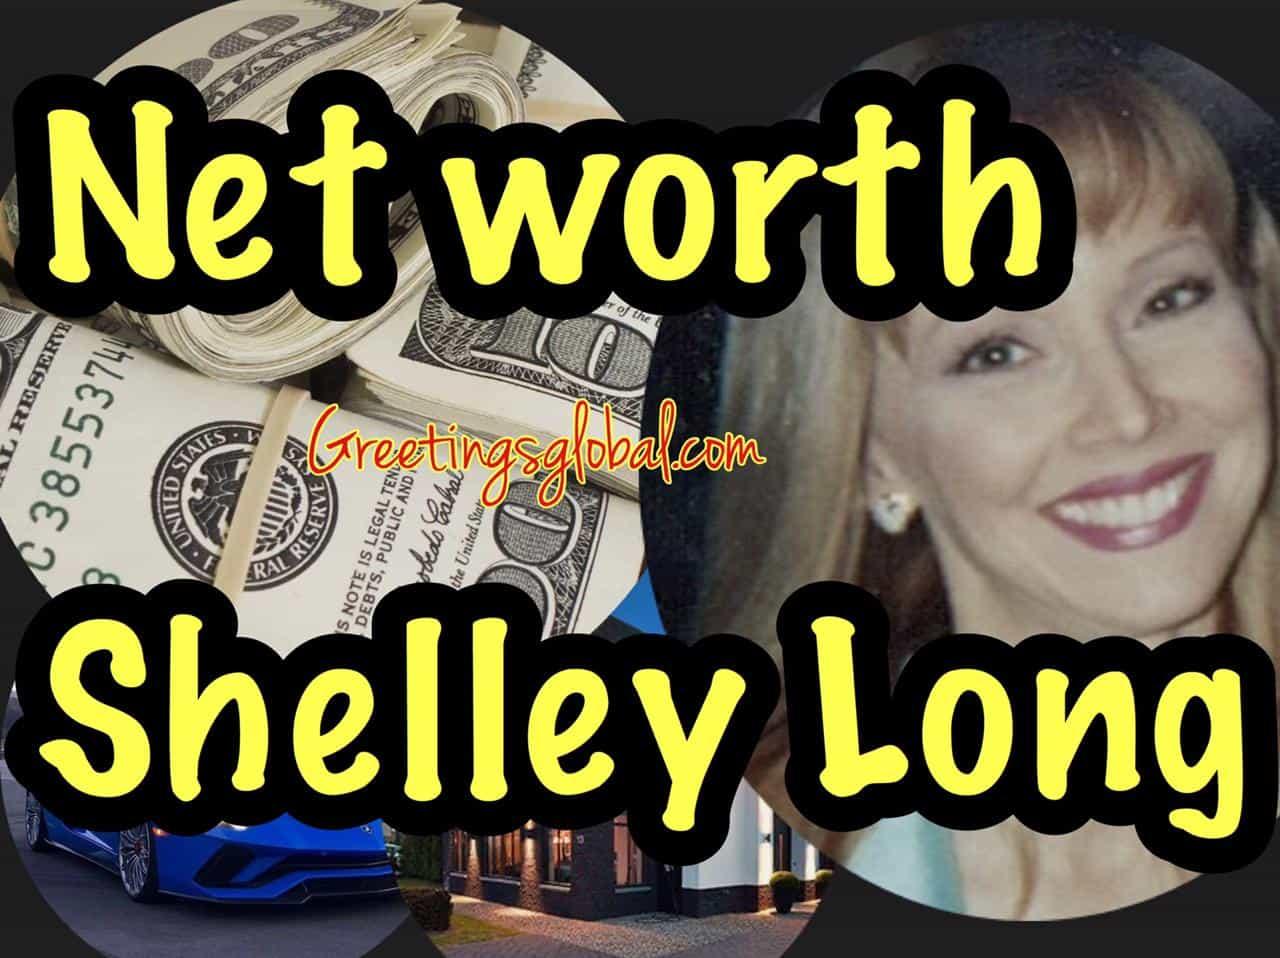 Net worth Shelley Long 2020